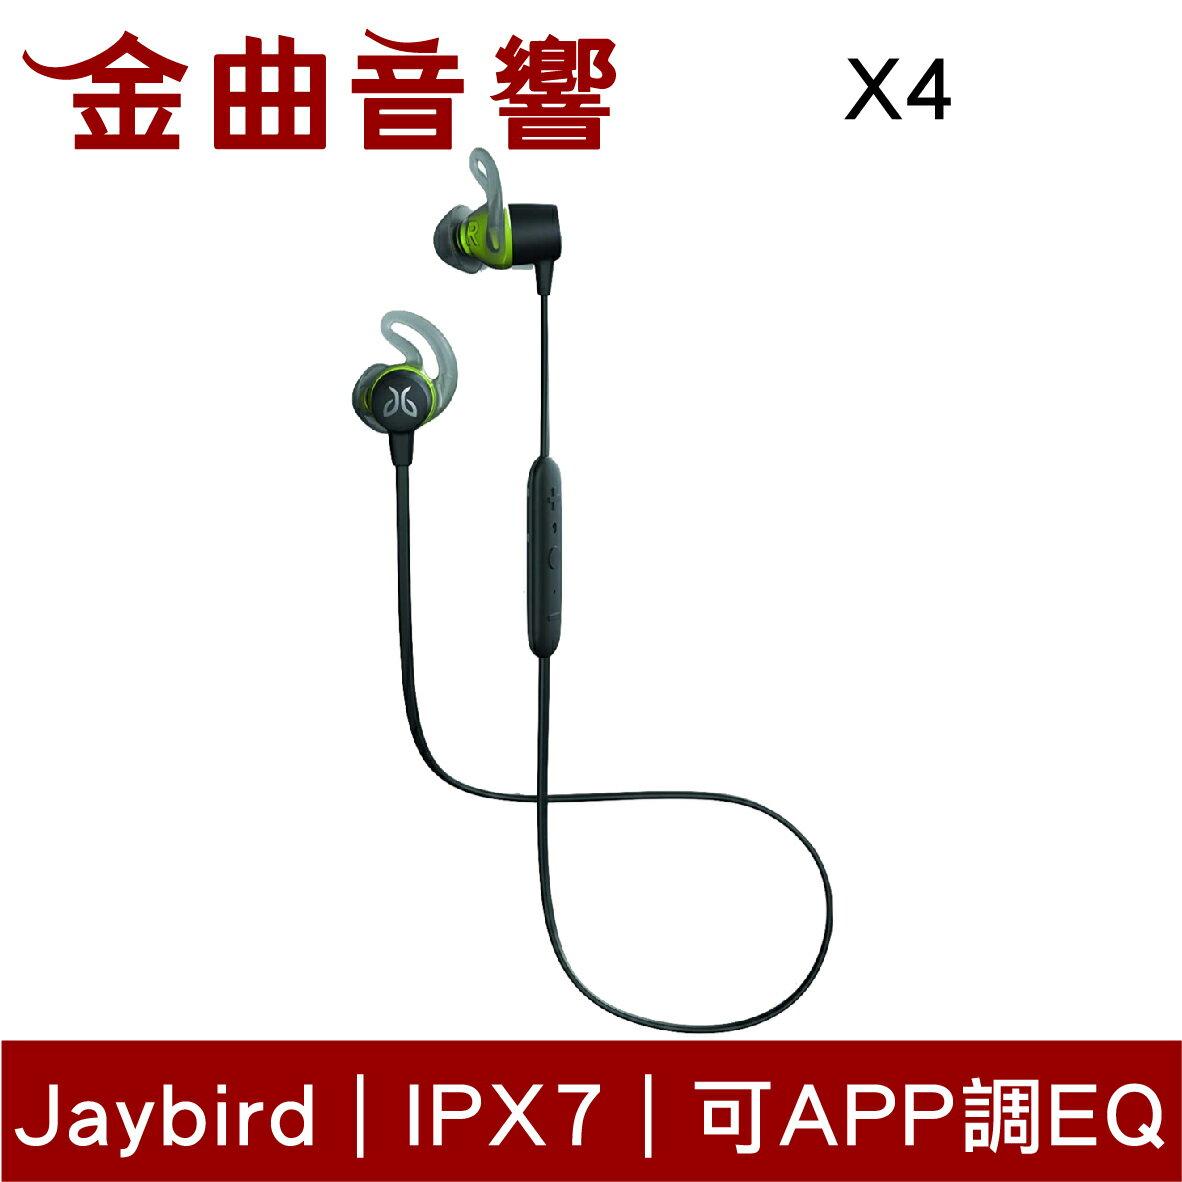 Jaybird X4 金屬黑 無線運動耳機   金曲音響